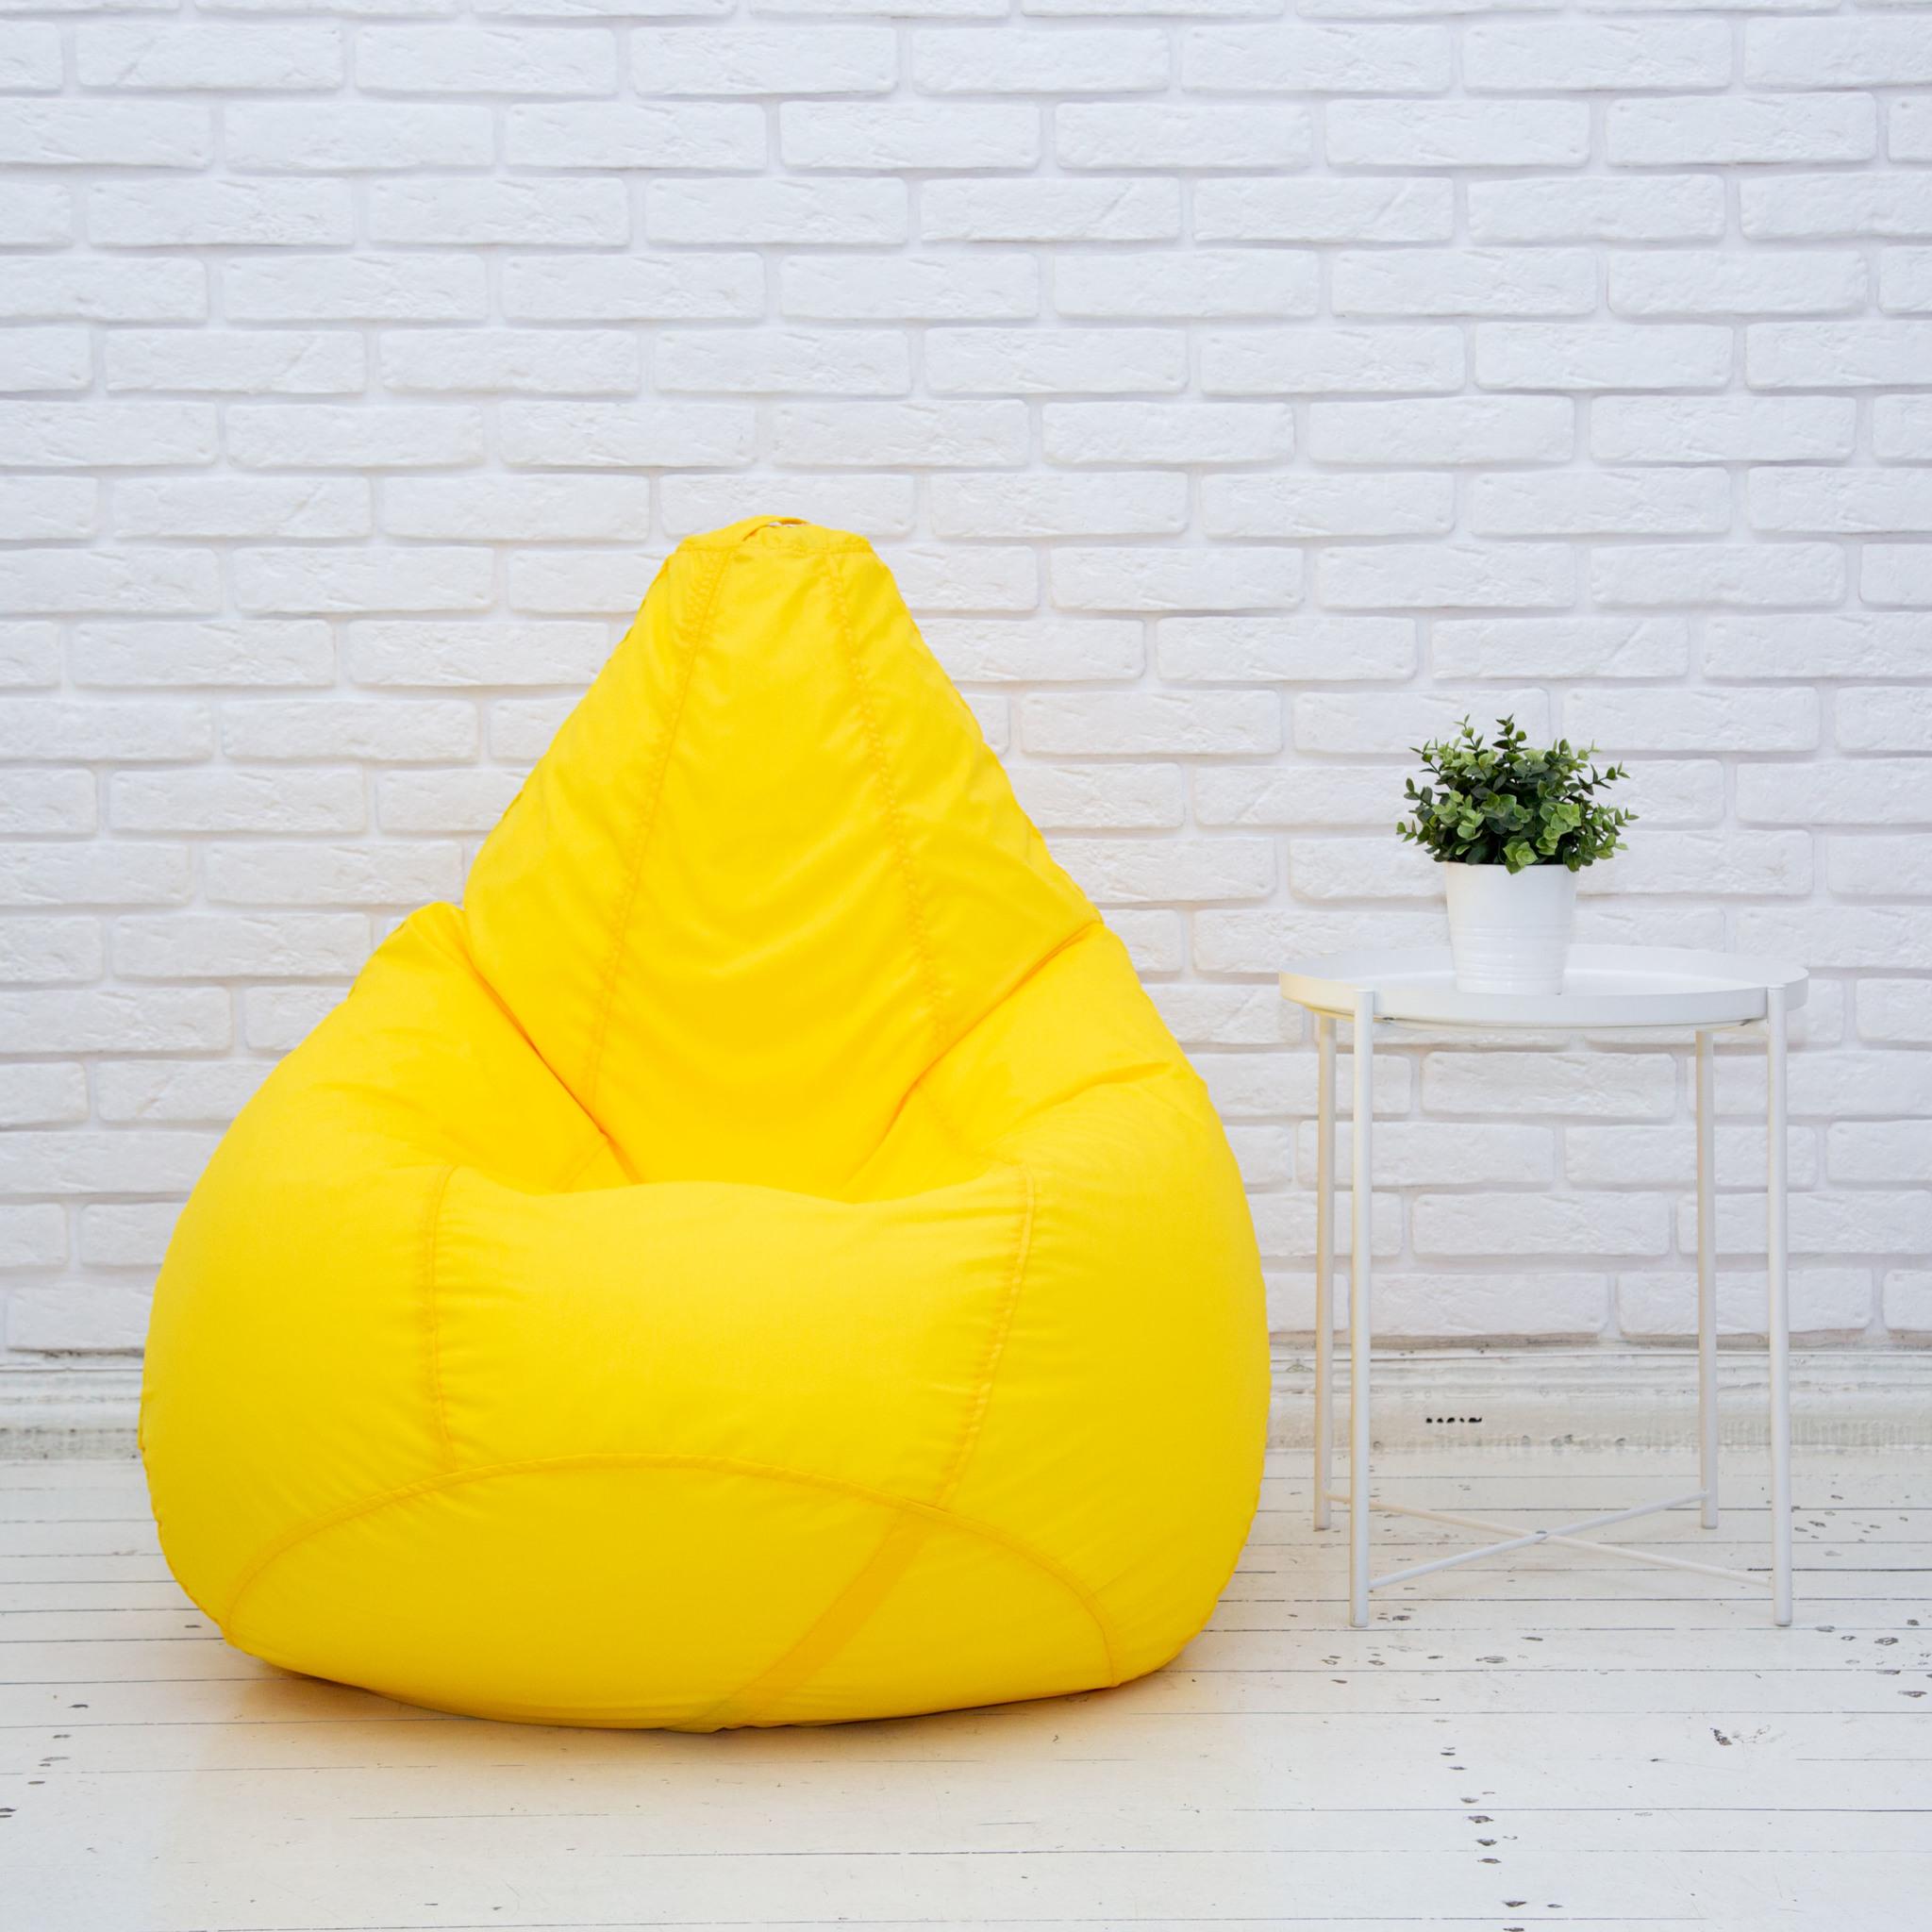 Груша М плащёвка, несъёмный чехол (жёлтая)